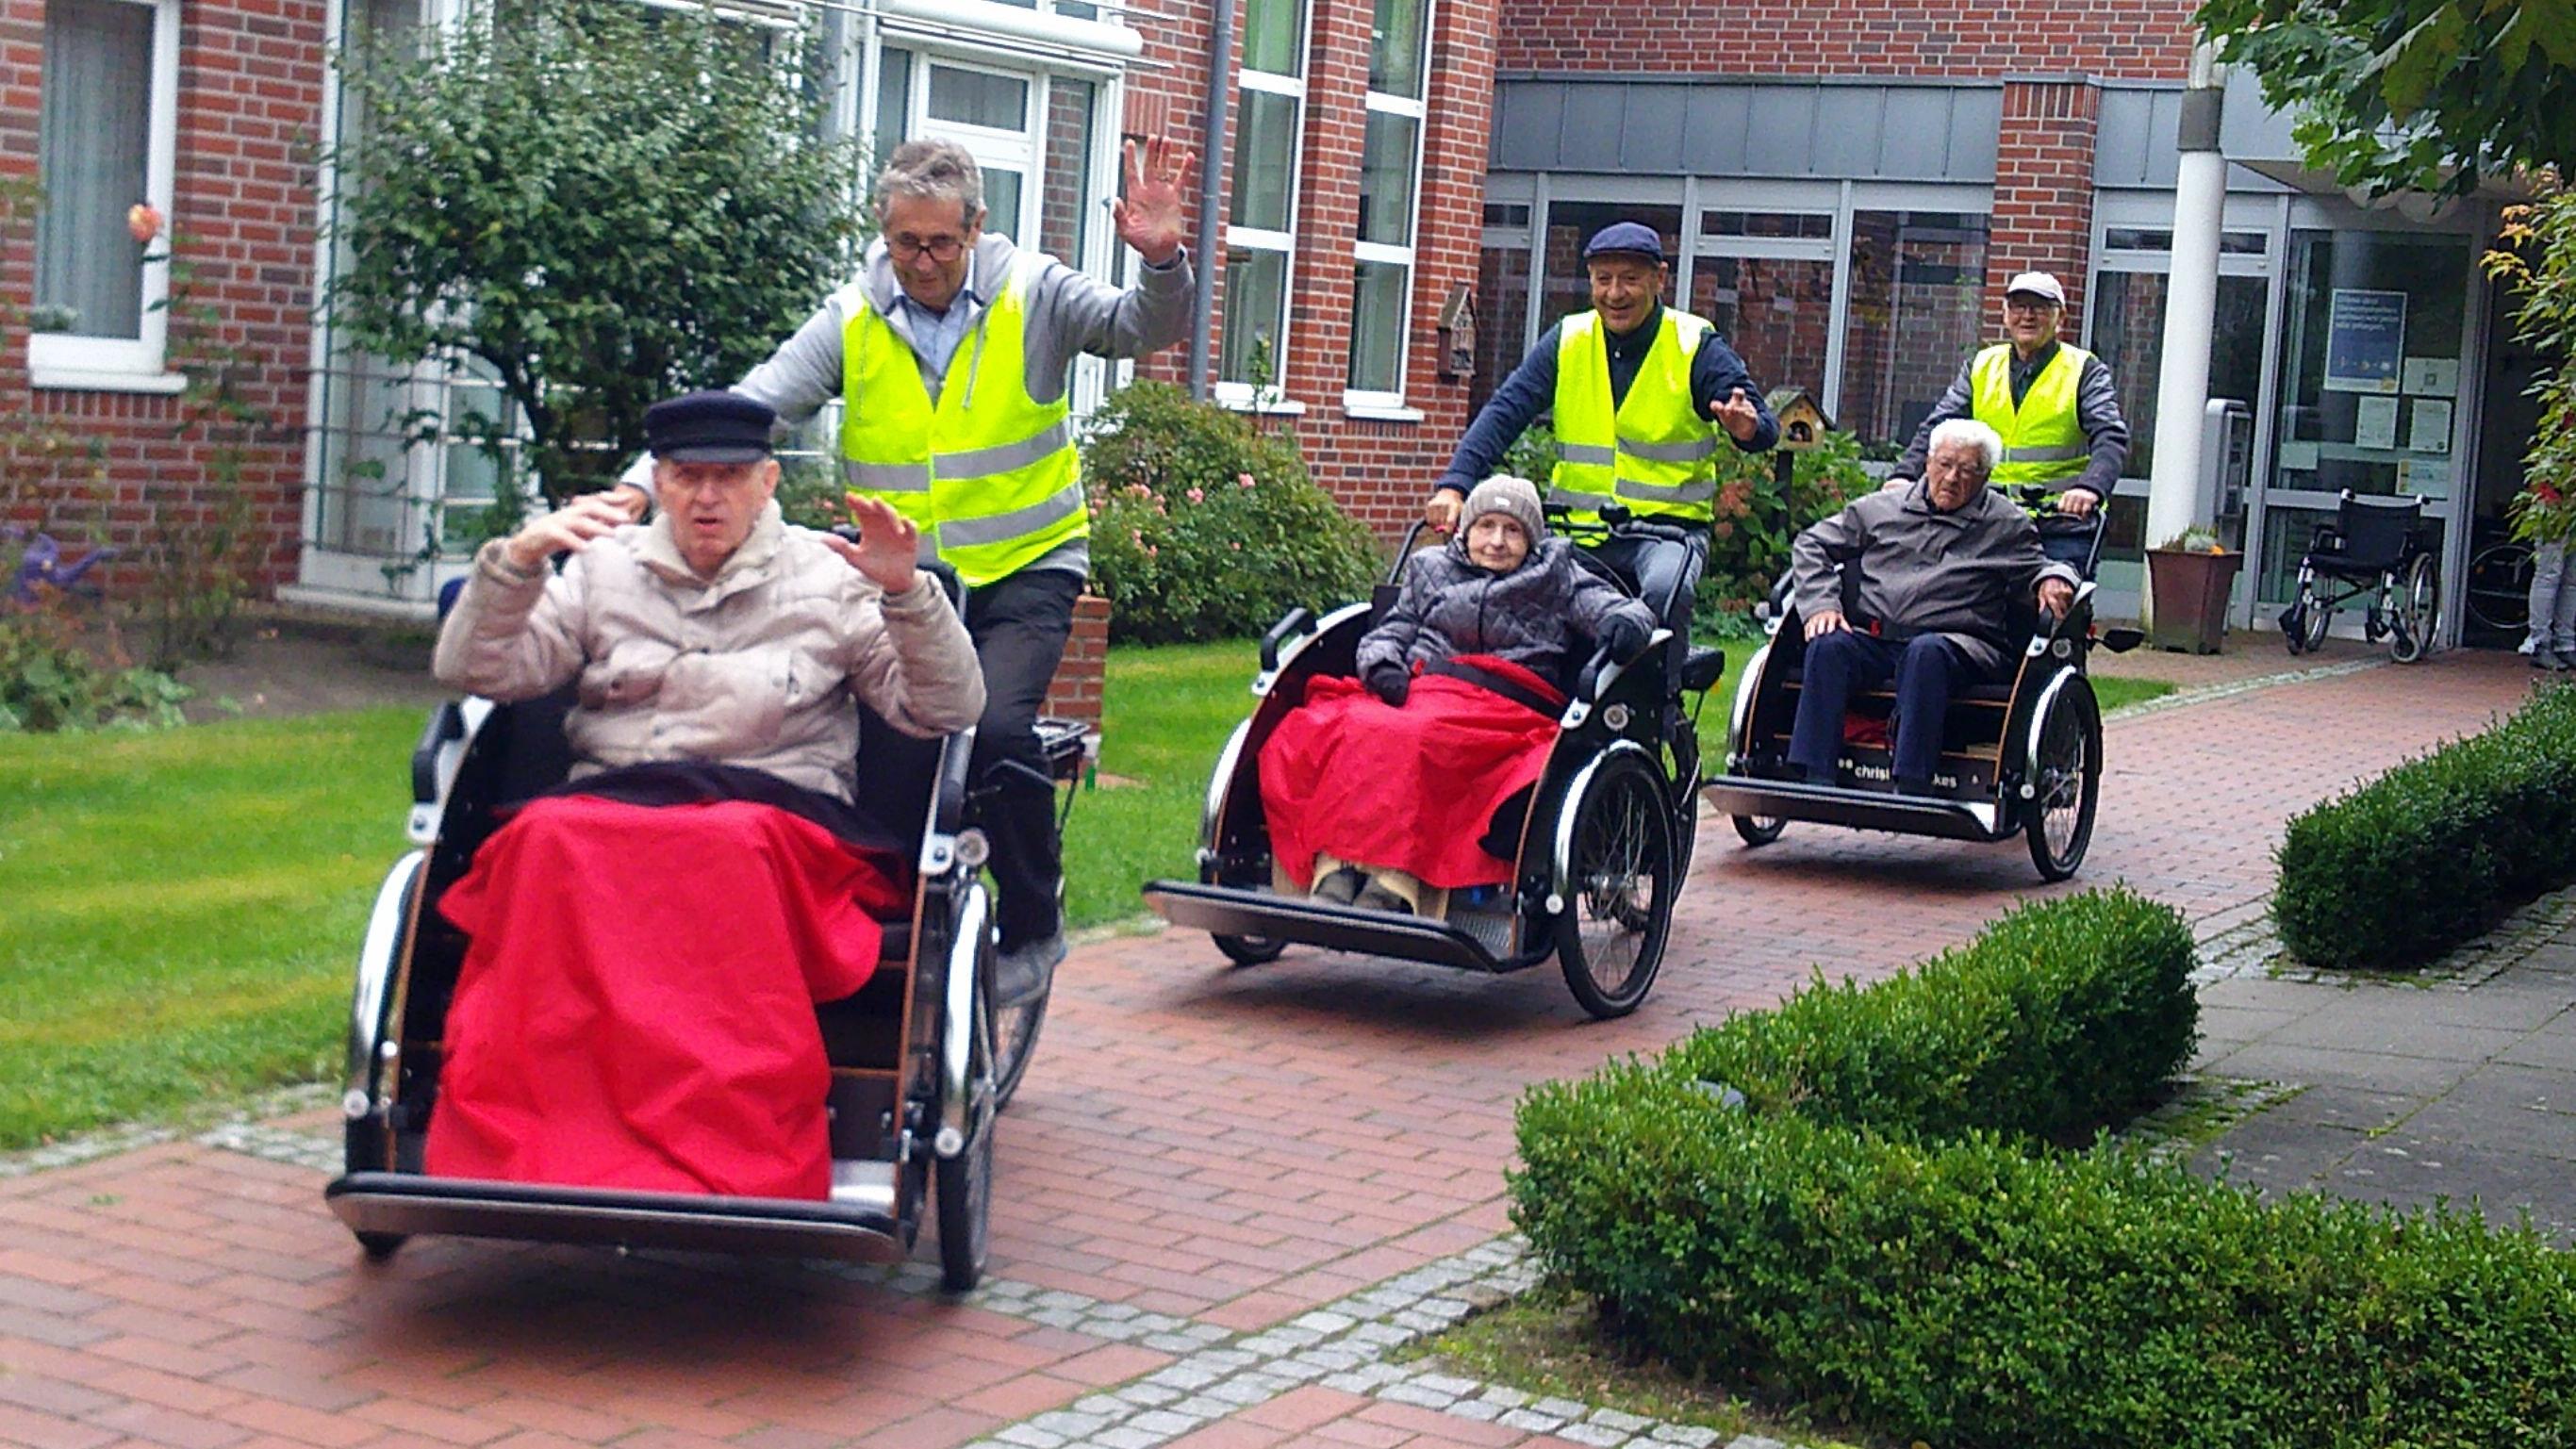 Auf geht's: Gut gelaunt machten sich die 3 Rikschafahrer mit ihren Fahrgästen auf den Weg.  Foto: Osterloh